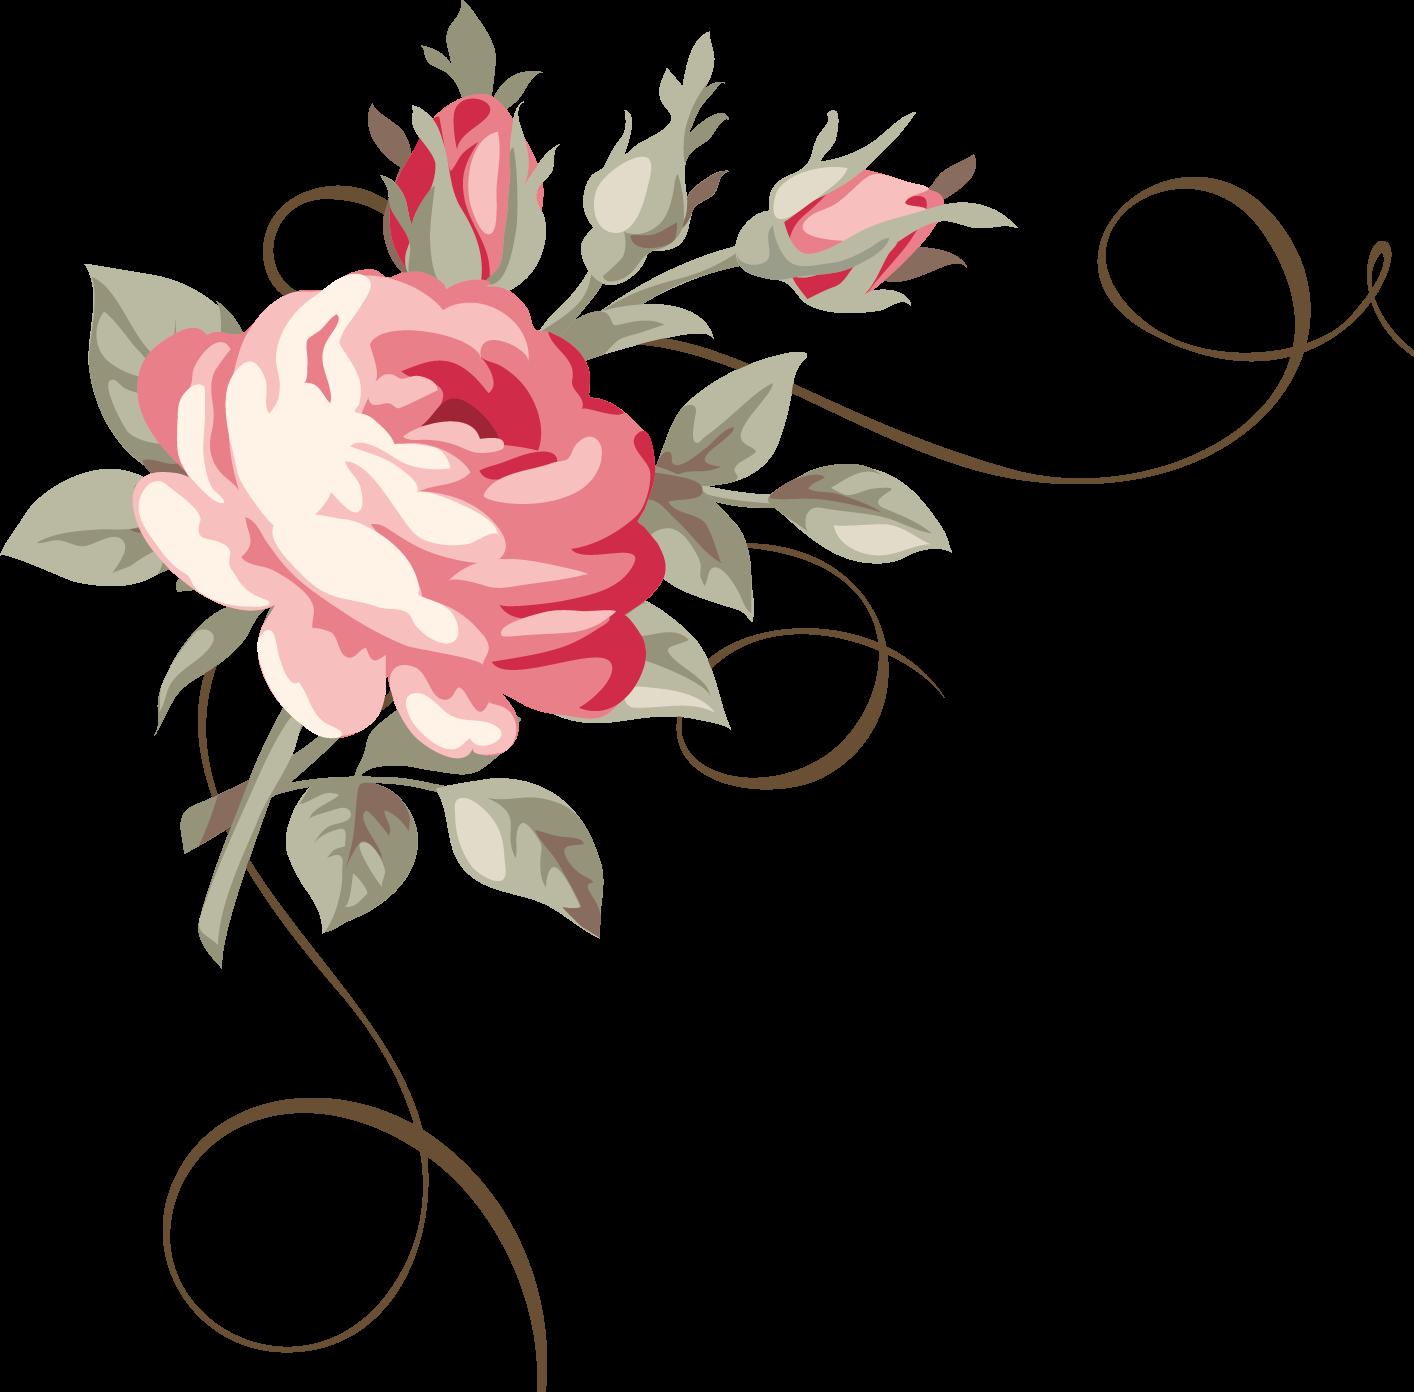 Gr tis arabesco floral para baixar gra a layouts design for D for design